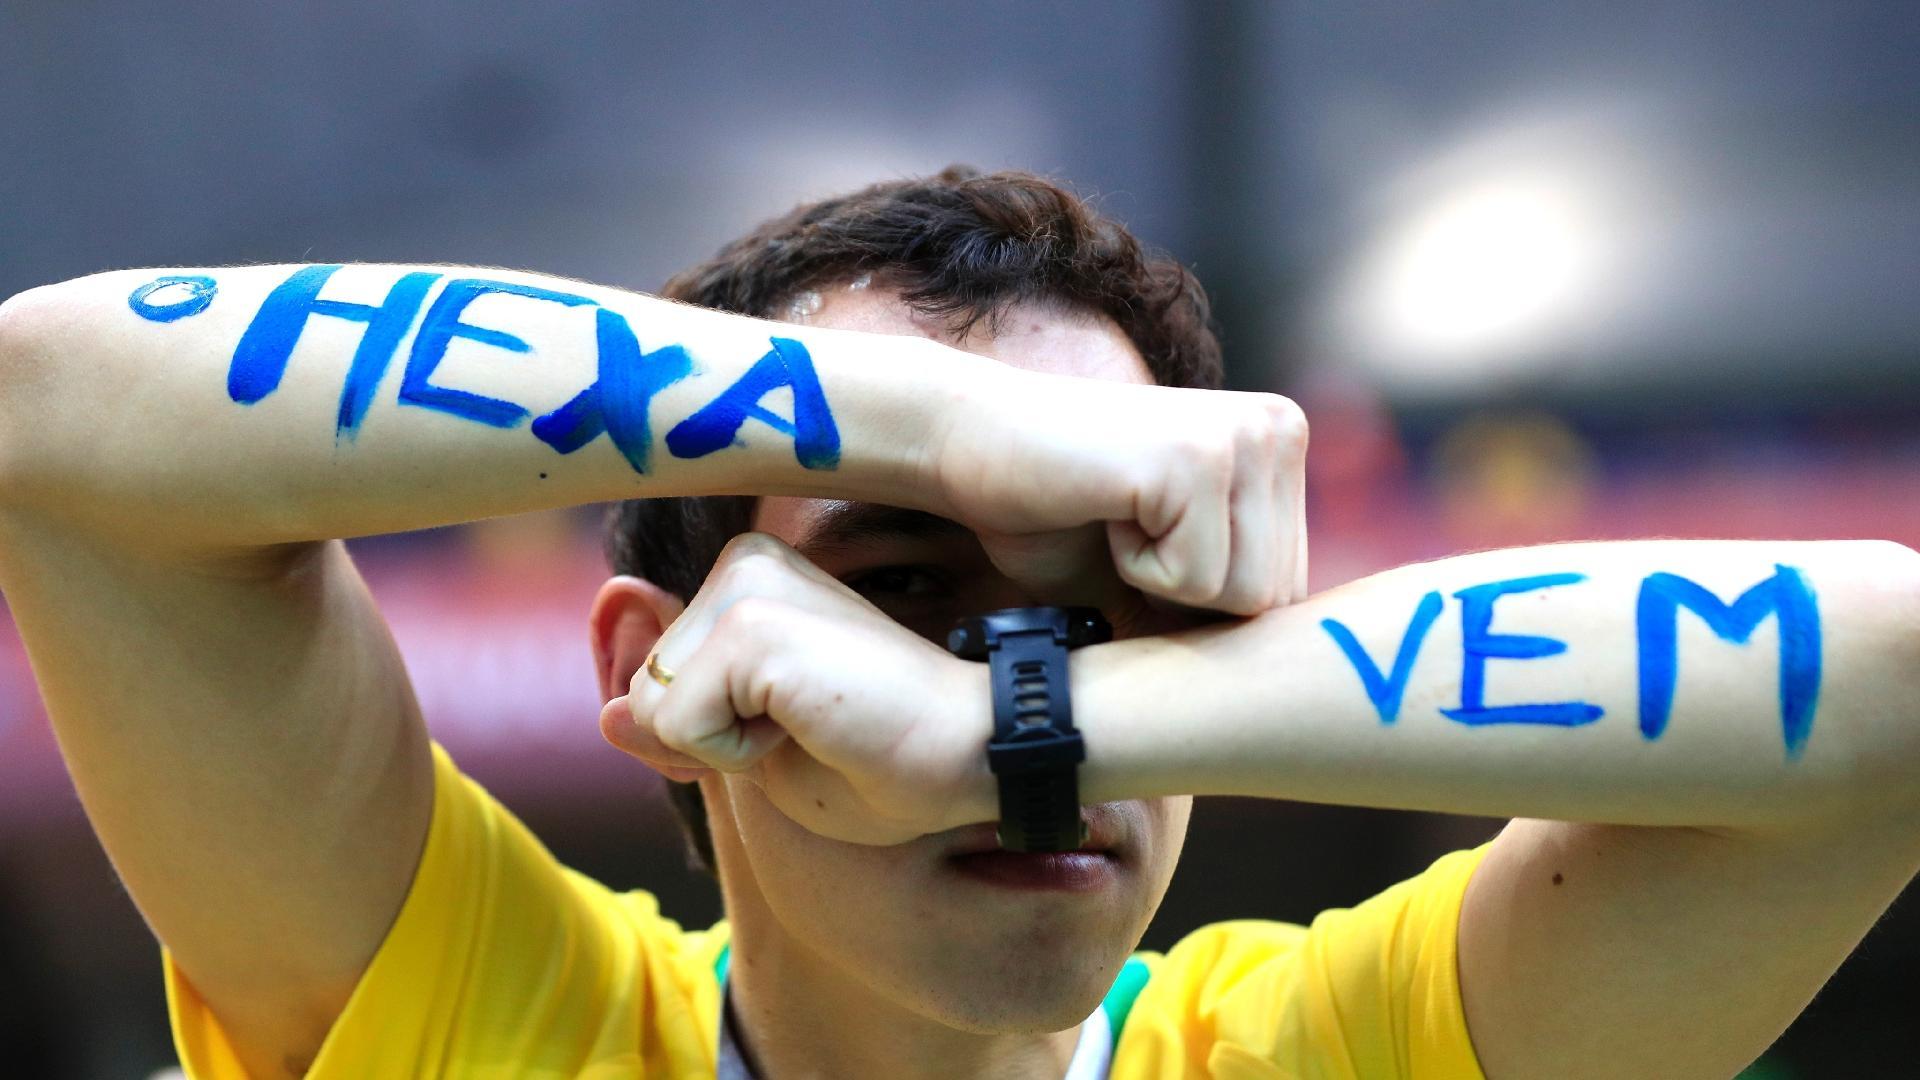 O hexa vem! Torcedor brasileiro escreve com tinta a frase mais queridinha do momento